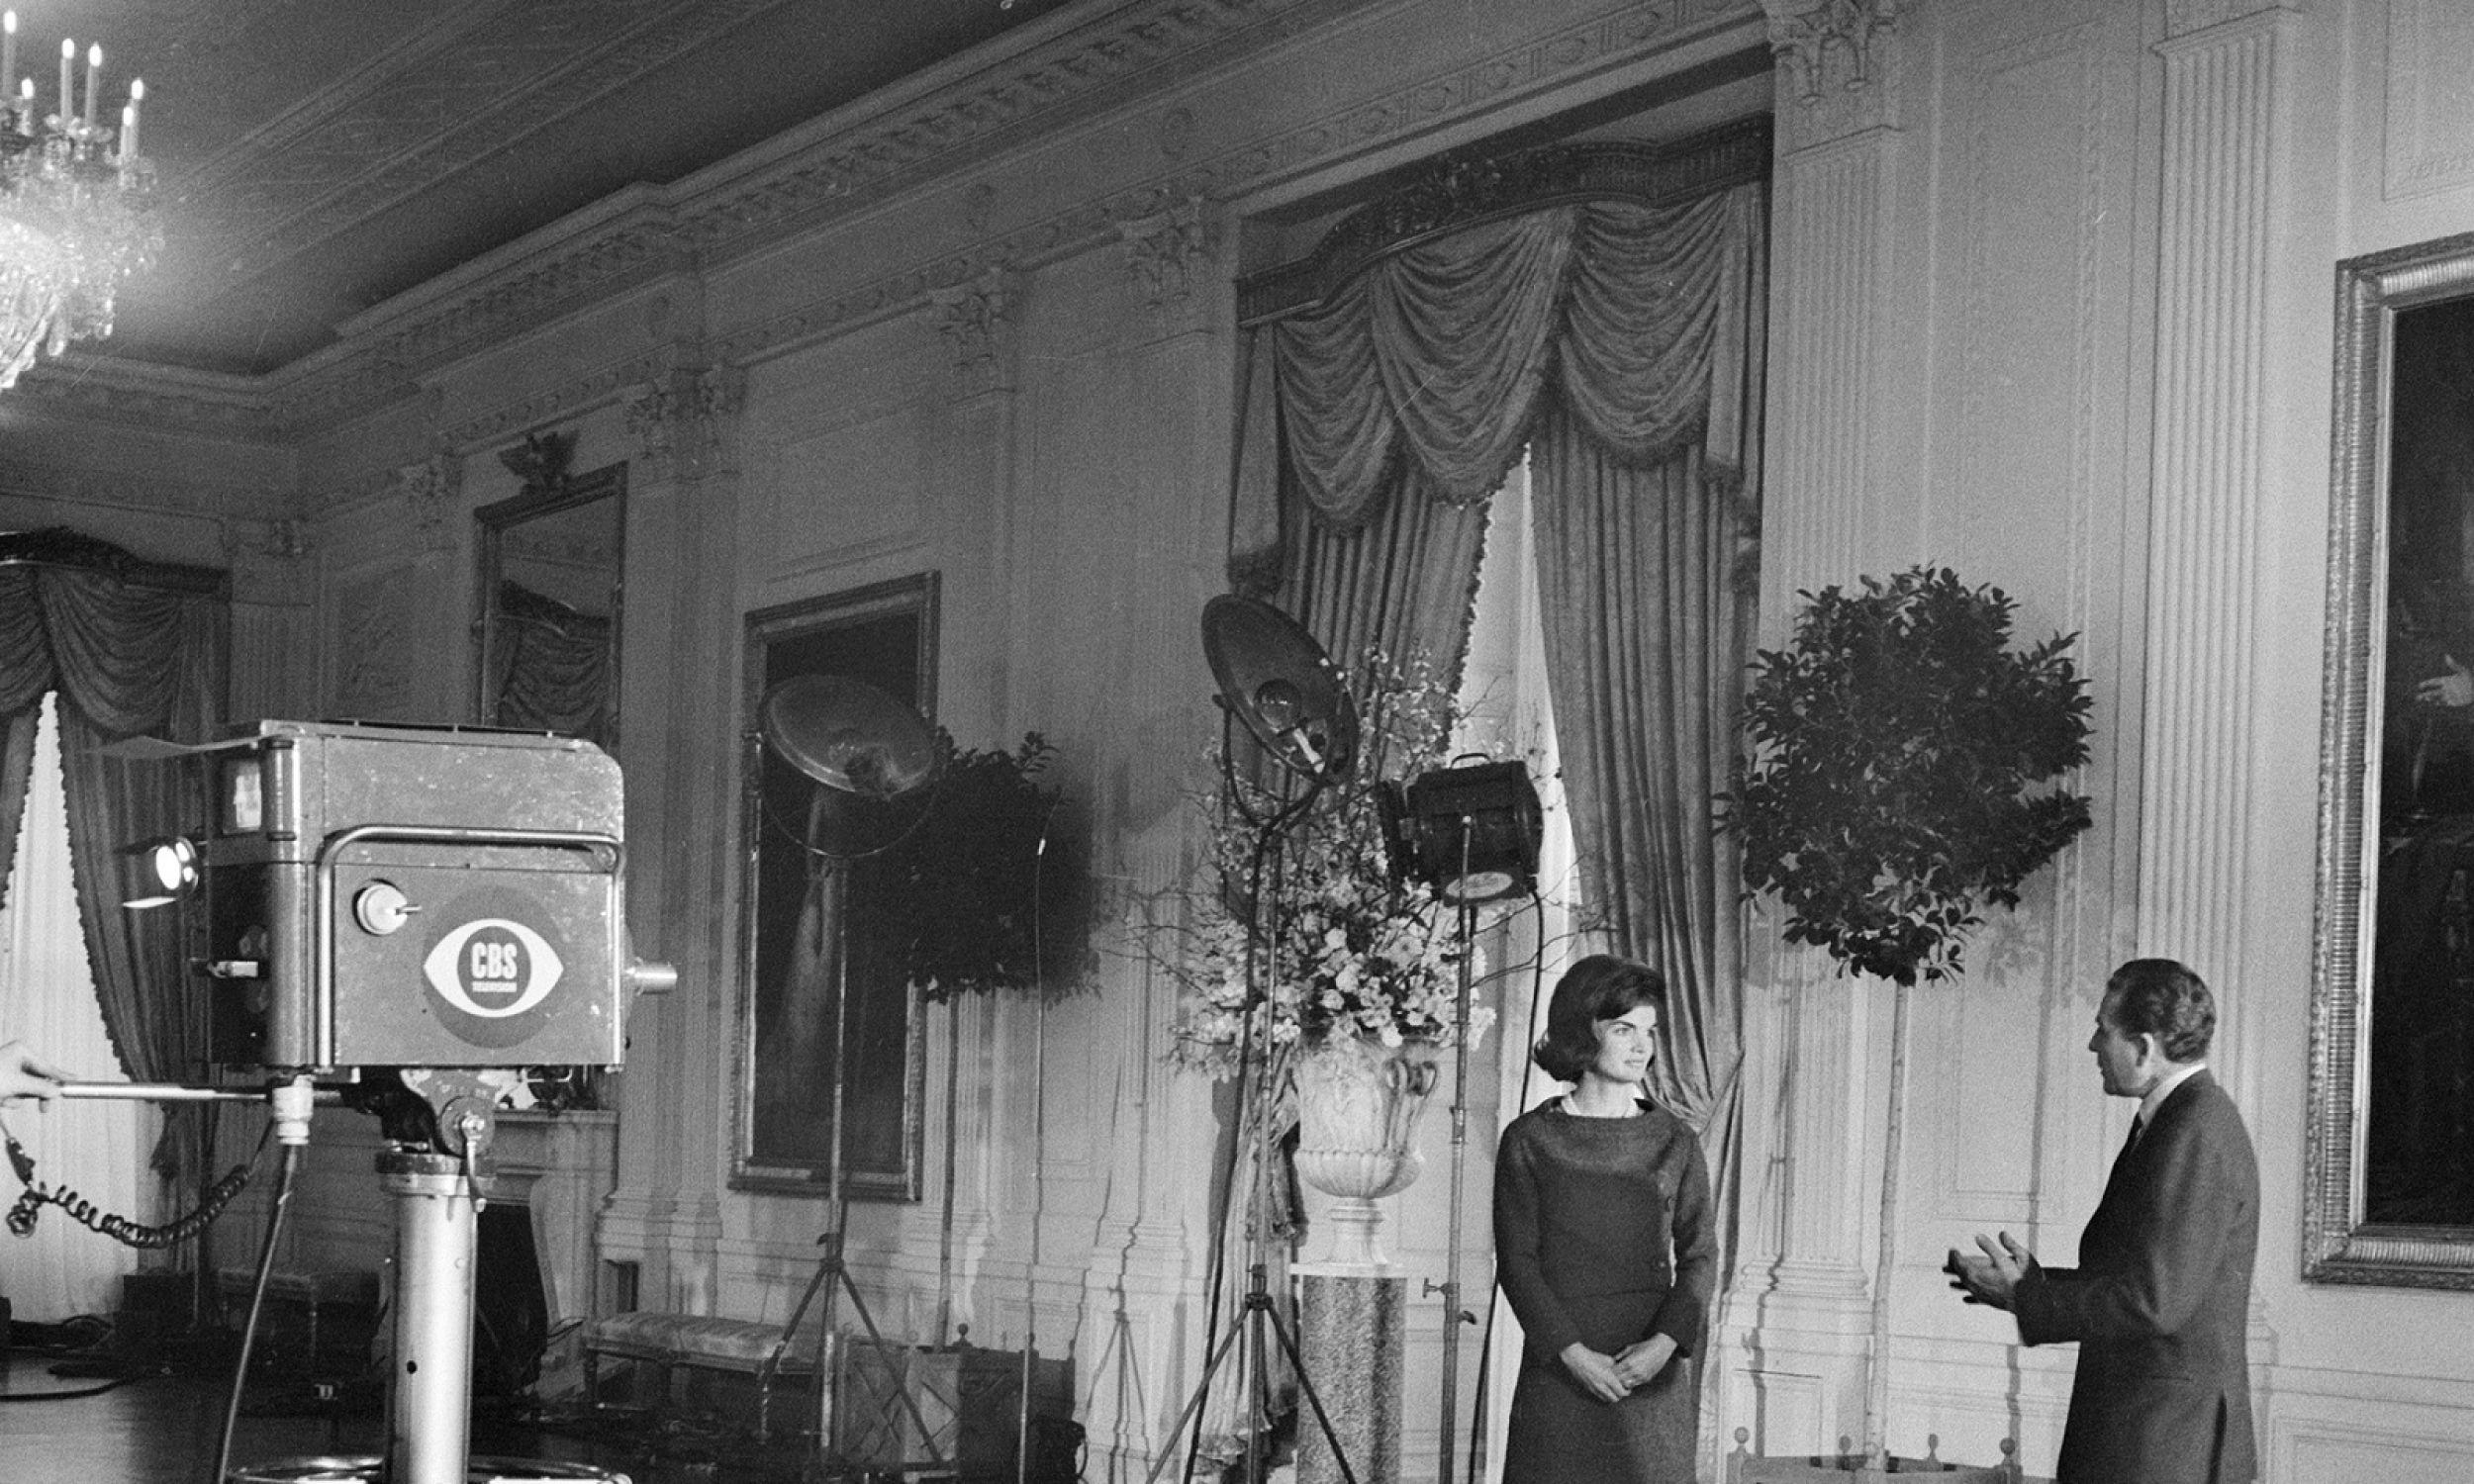 """Korespondent CBS News Charles Collingwood rozmawia z amerykańską First Lady Jacqueline Kennedy w Pokoju Wschodnim w Białym Domu, Waszyngton, 15 stycznia 1962 roku. Wywiad wyemitowano jako program CBS News Special zatytułowany """"Wycieczka po Białym Domu z panią Johnową F. Kennedy """". Fot. CBS Photo Archive / Getty Images"""